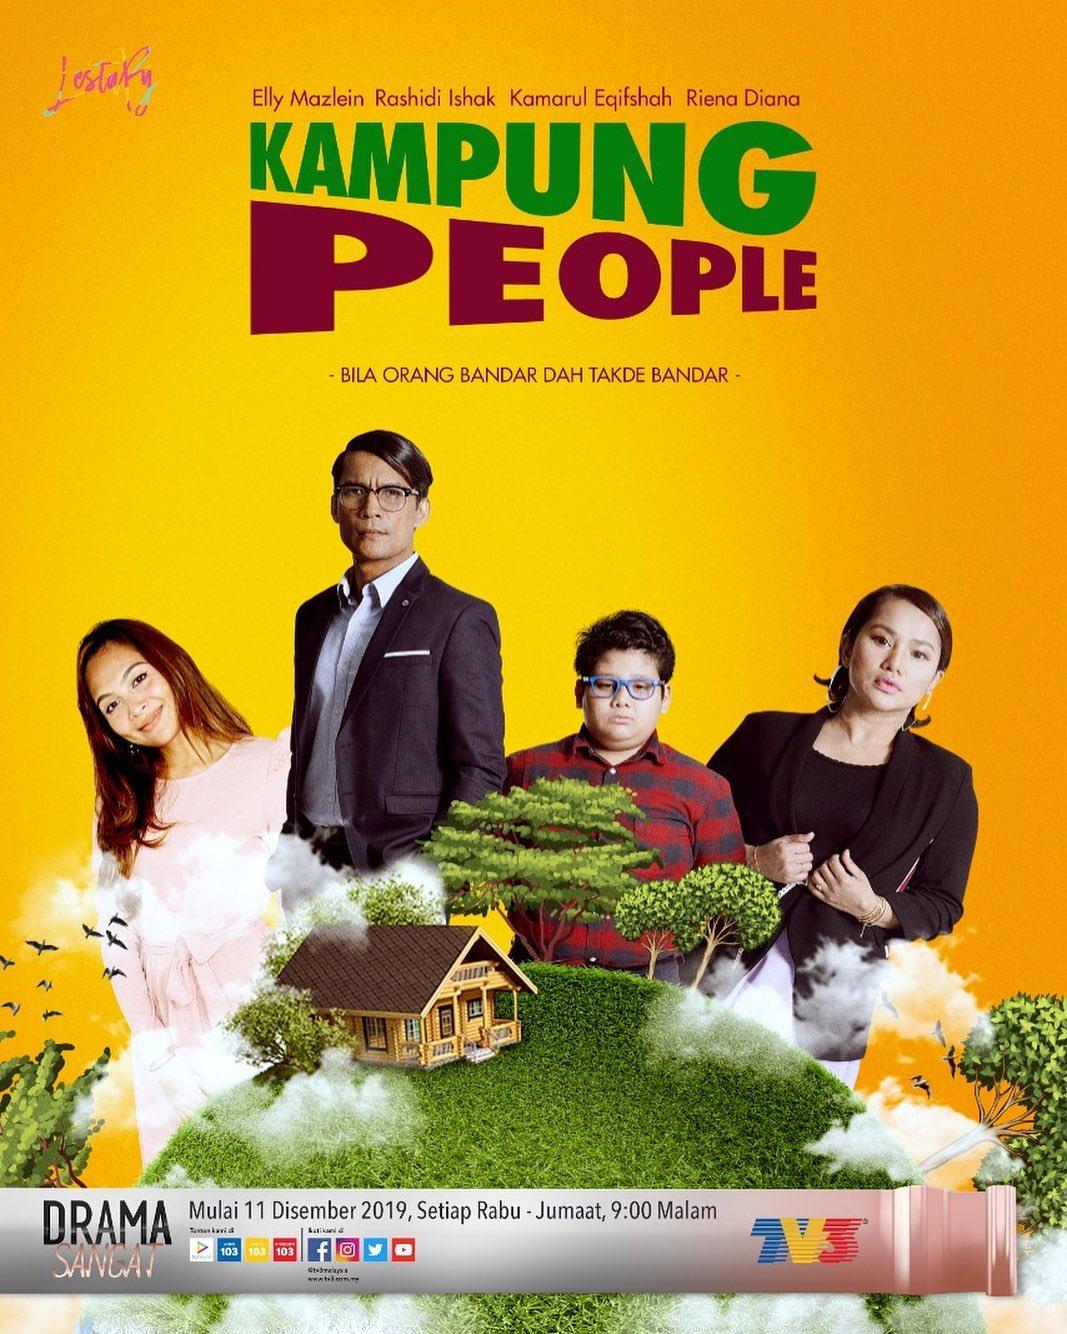 Kampung People Episod 5